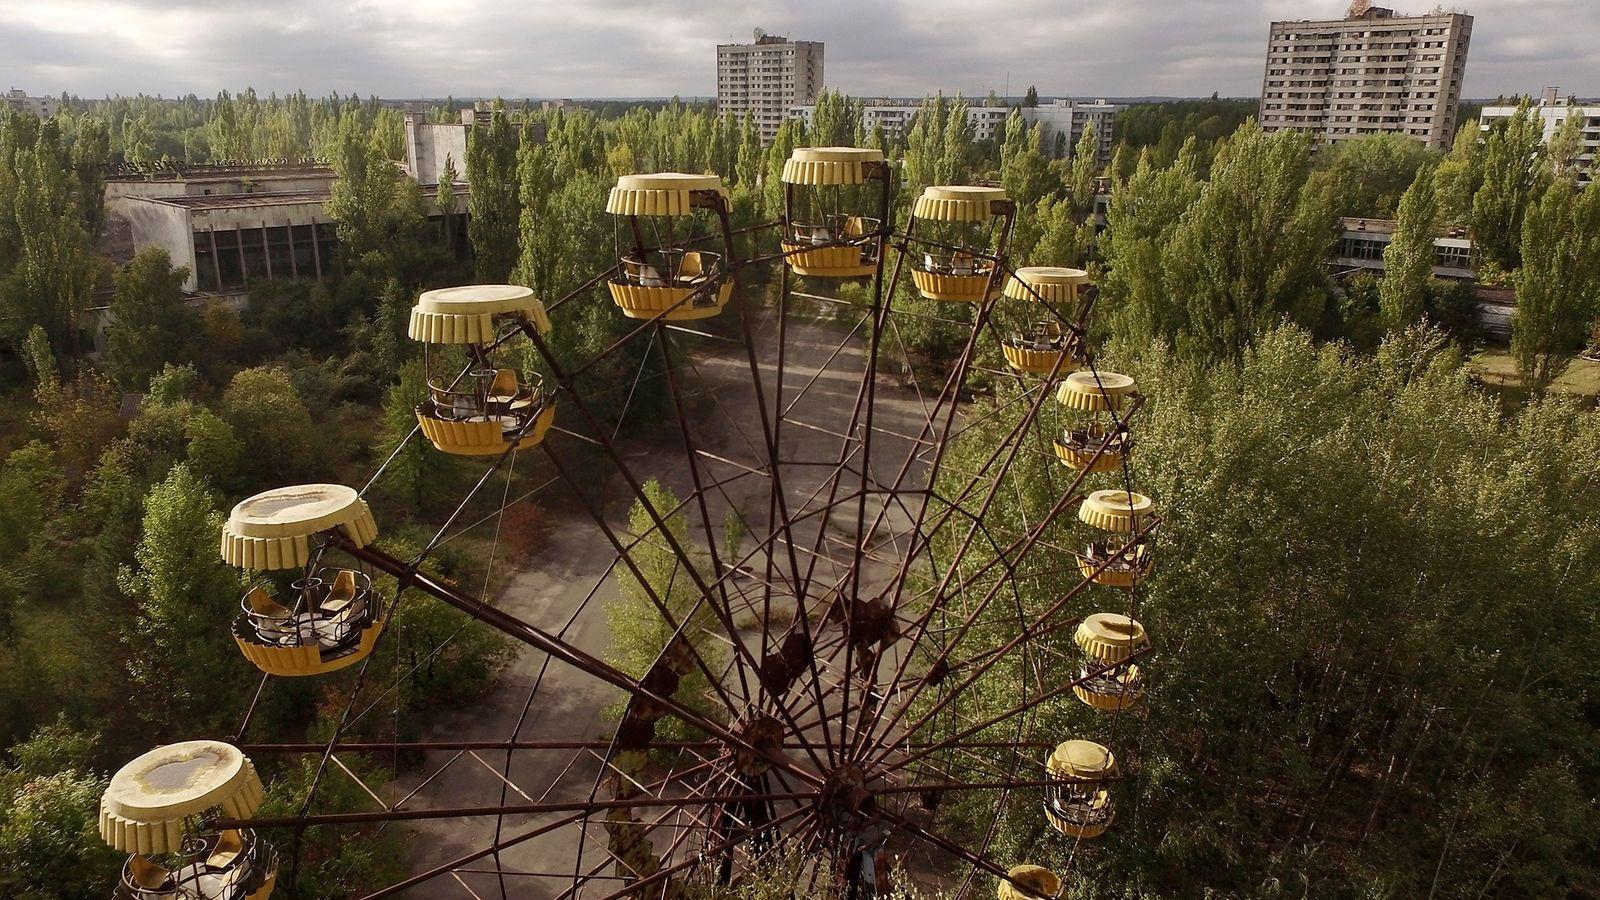 Ein altes Riesenrad ragt auf einem ehemaligen öffentlichen Platz in Pripyat auf, den sich die Natur ...